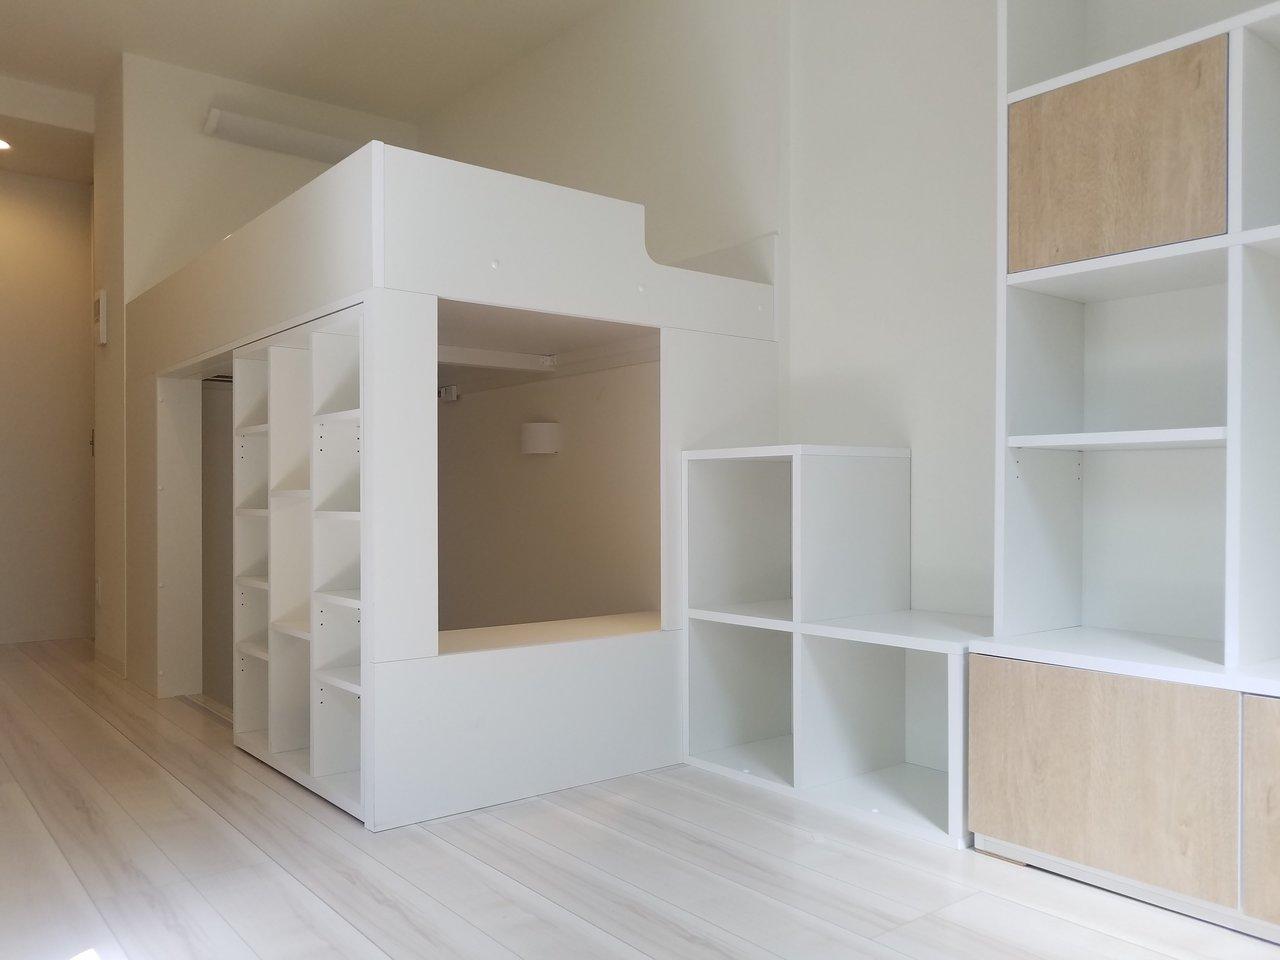 白系のフローリング、壁伝いにたくさん組まれた棚。ちょっと他では見ないような、変わったデザインのワンルームのお部屋です。リビングは8畳あって、ワークスペース、ロフトまであります。